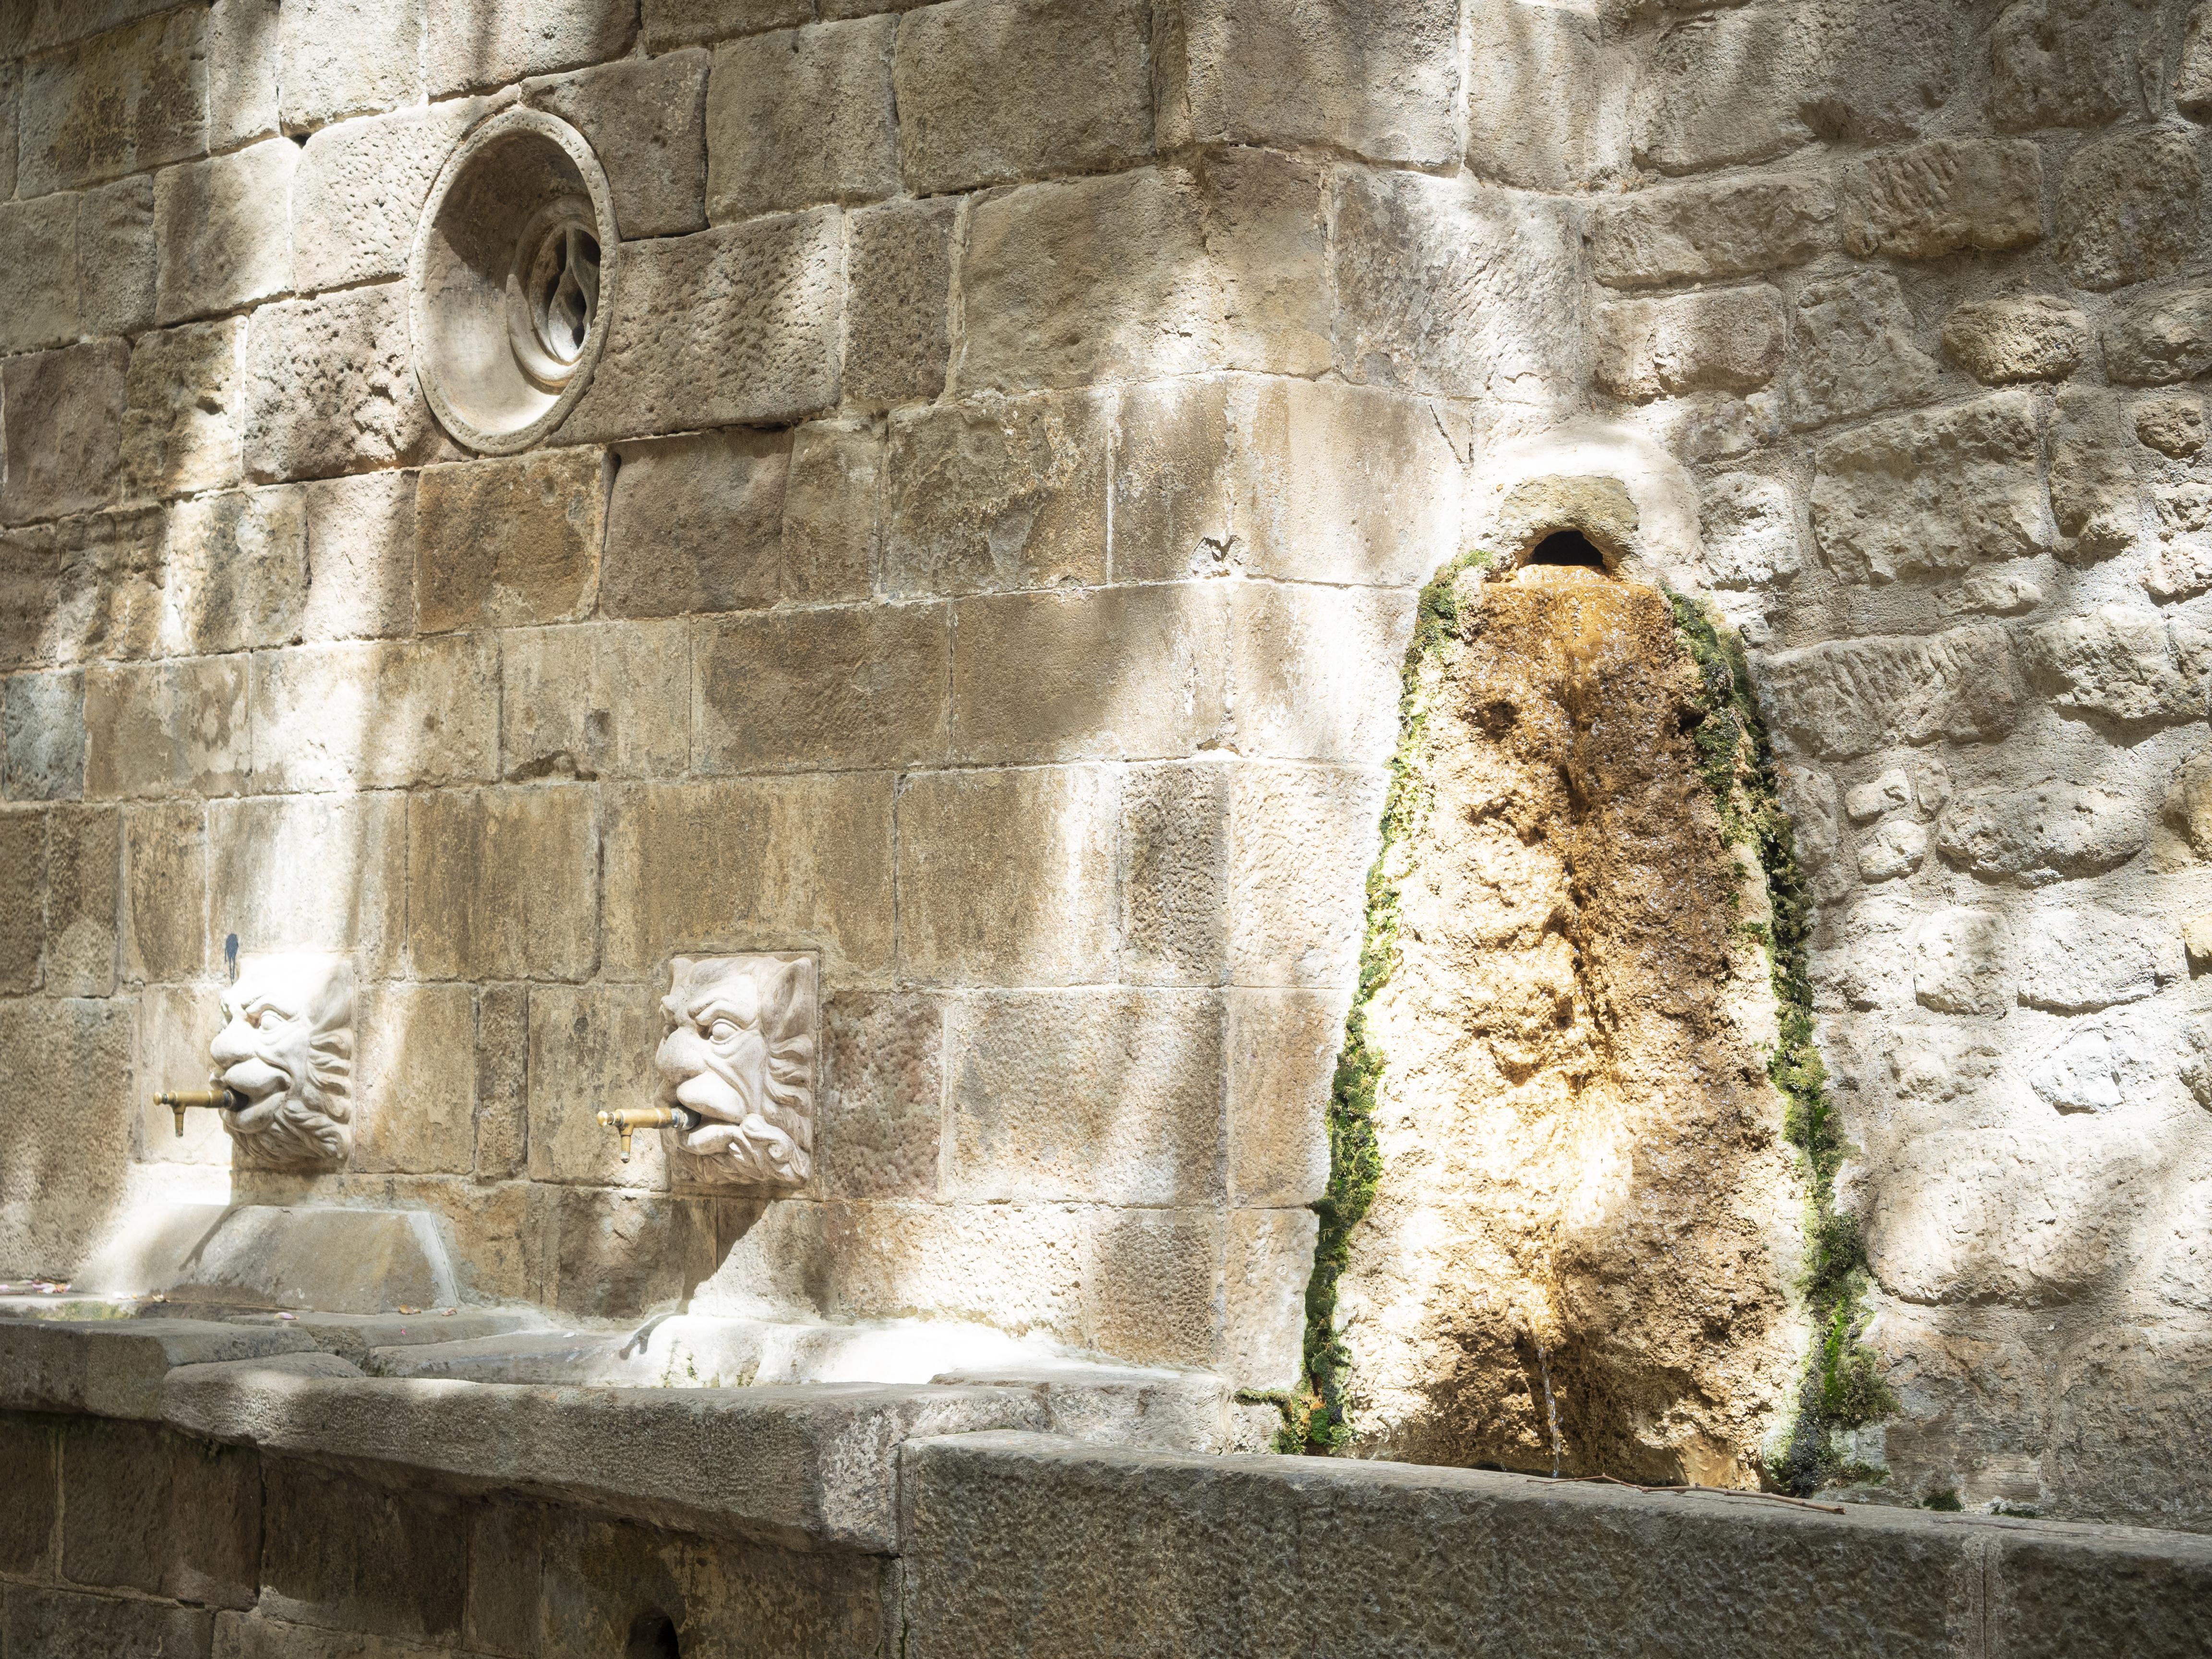 El casc antic està ple de petits tresors, com per exemple aquestes fonts gòtiques. FOTO: Anna E. Puig